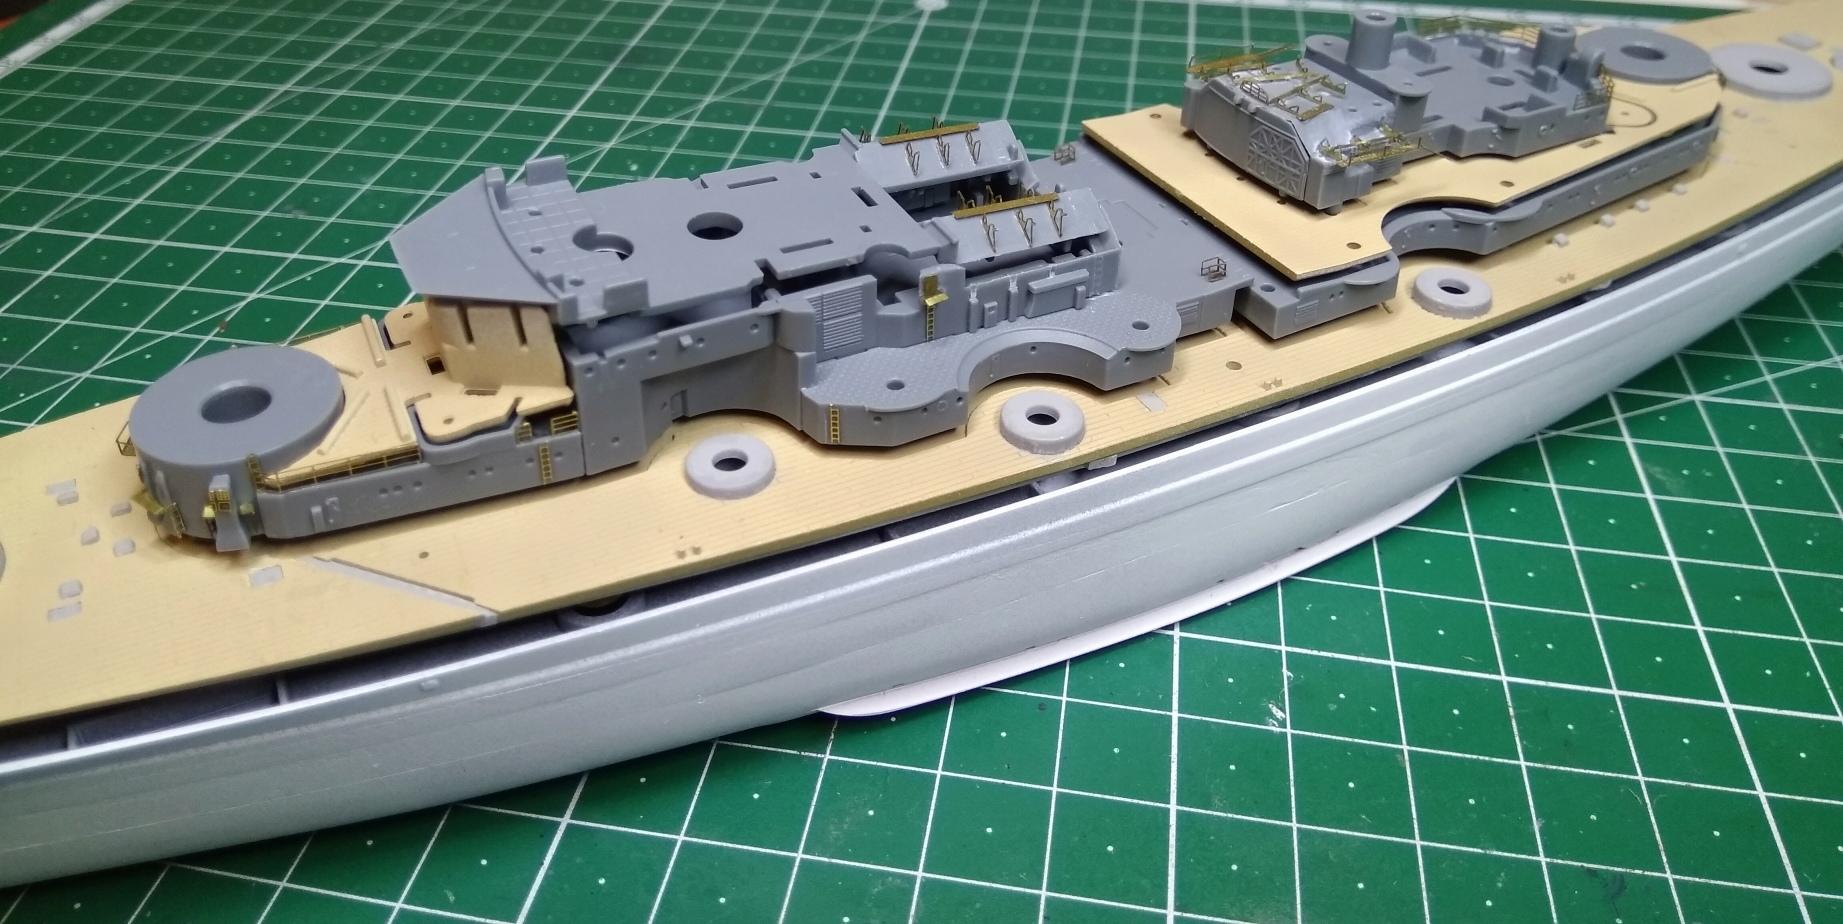 Bismarck MENG au 1/700e kit de PE Eduard - Page 2 Bismar26